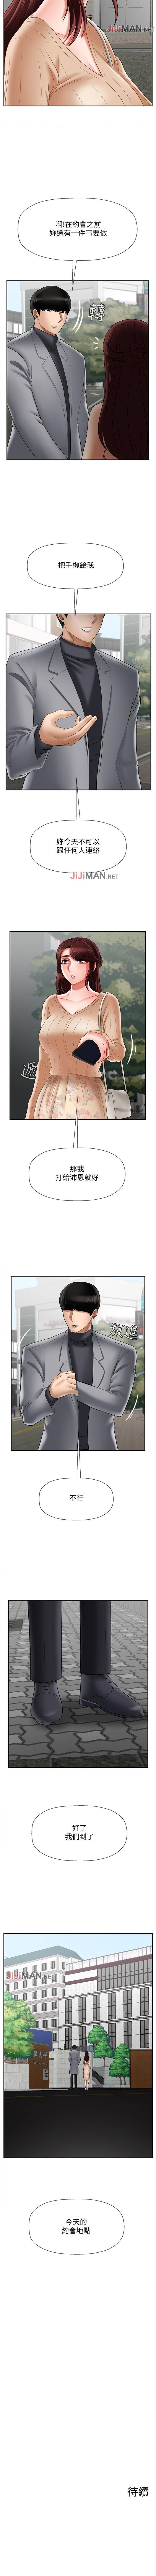 【已休刊】坏老师(作者:朴世談&福) 第1~31话 181